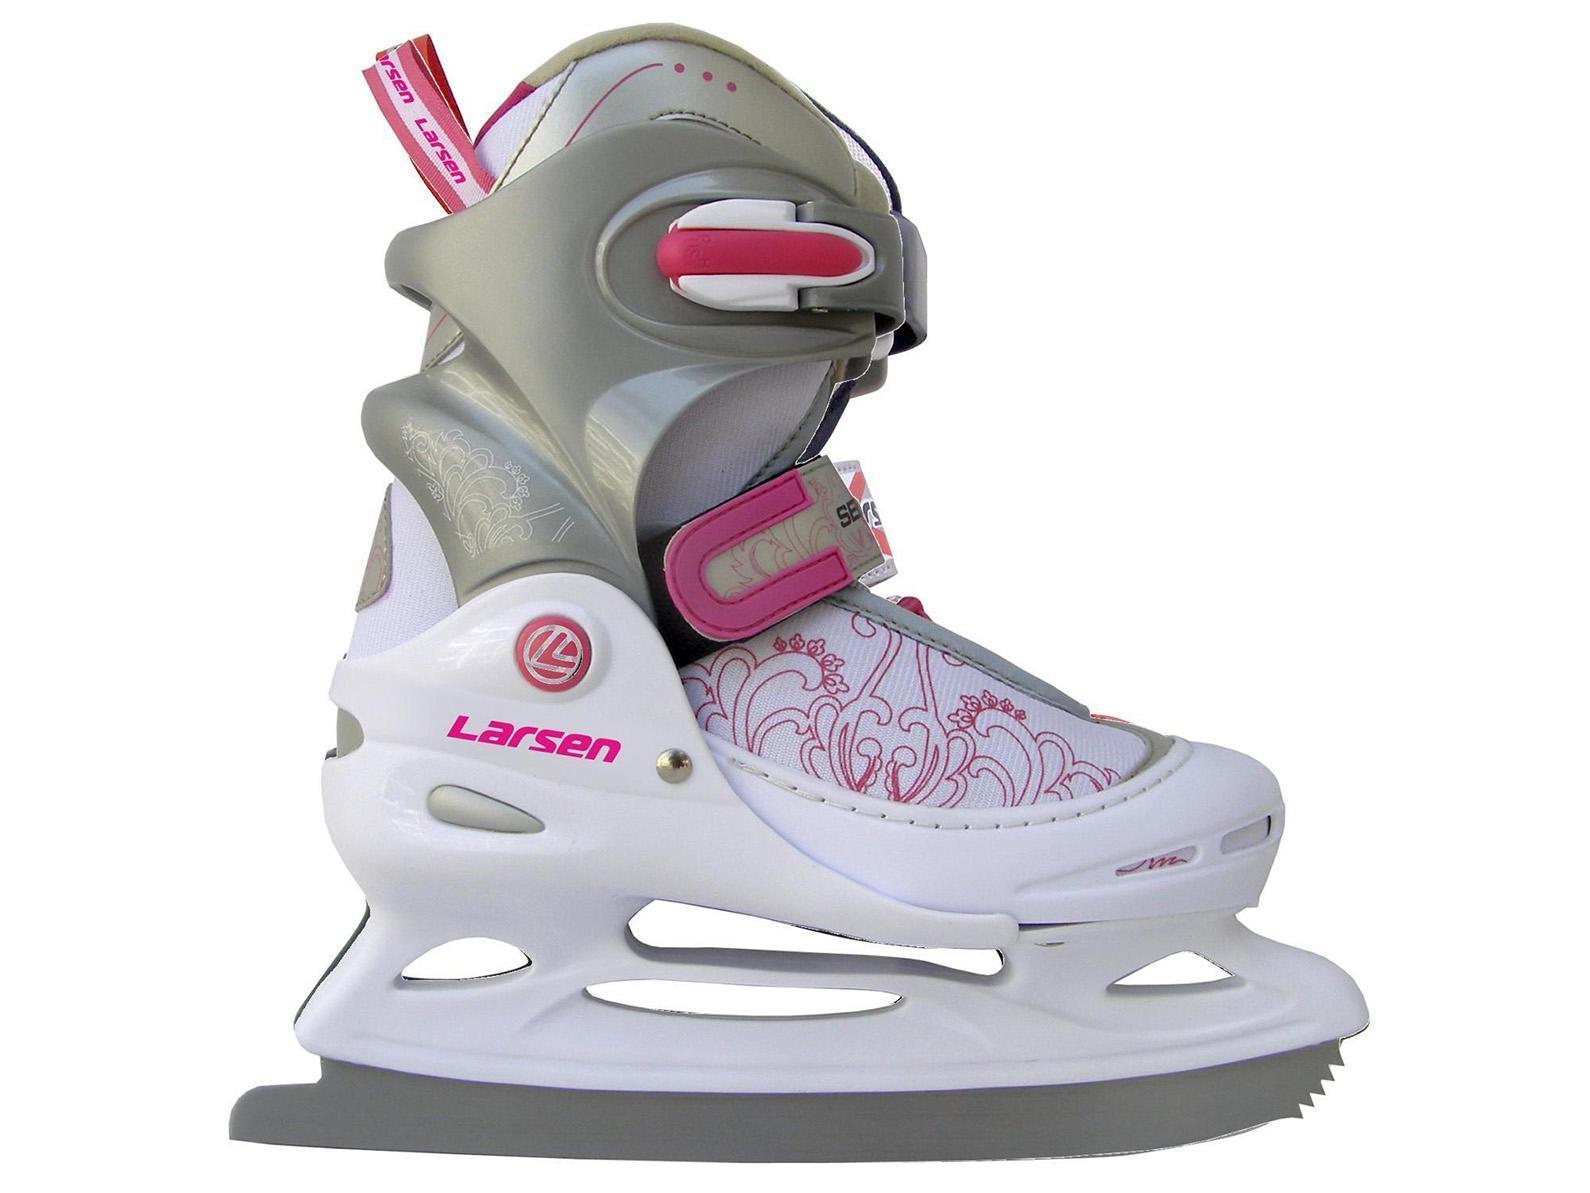 Коньки ледовые женские Larsen, раздвижные, цвет: серый, розовый, белый. Liberty 2014-2015. Размер 38/41Larsen Liberty 2014-2015 White-Grey-PinkПрогулочные коньки для свободного катания на льду. В коньках используются морозоустойчивые материалы повышенной прочности.